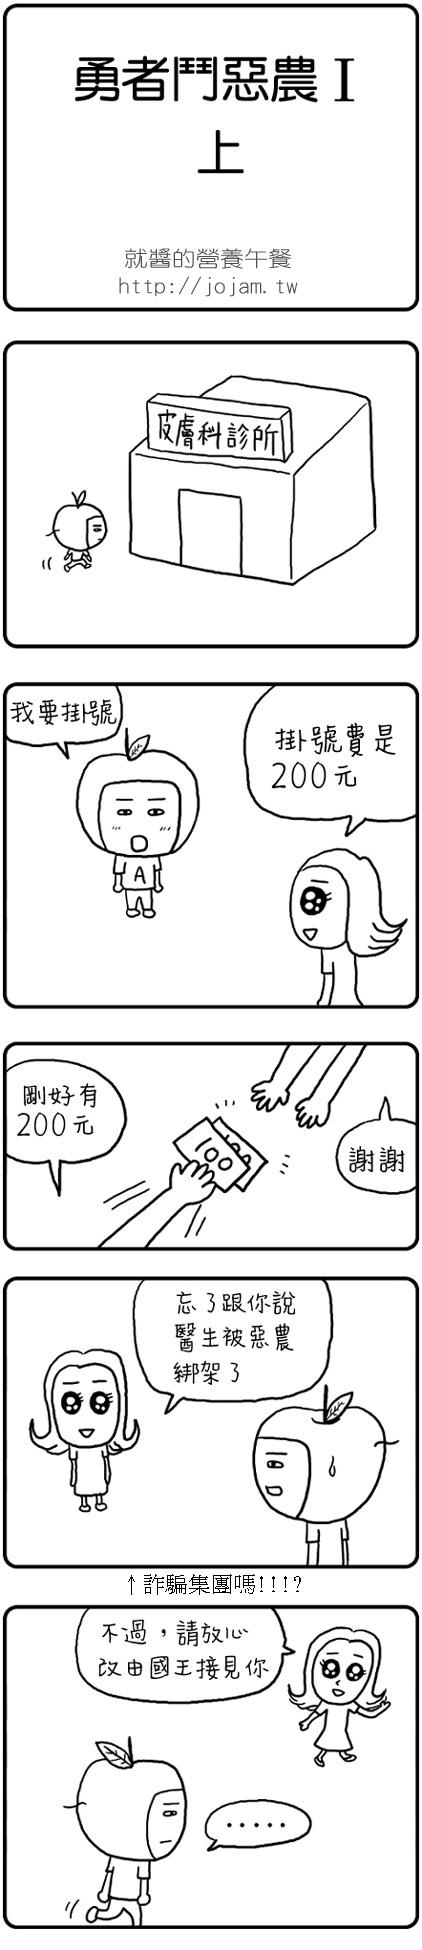 勇者鬥惡農_上_1.jpg